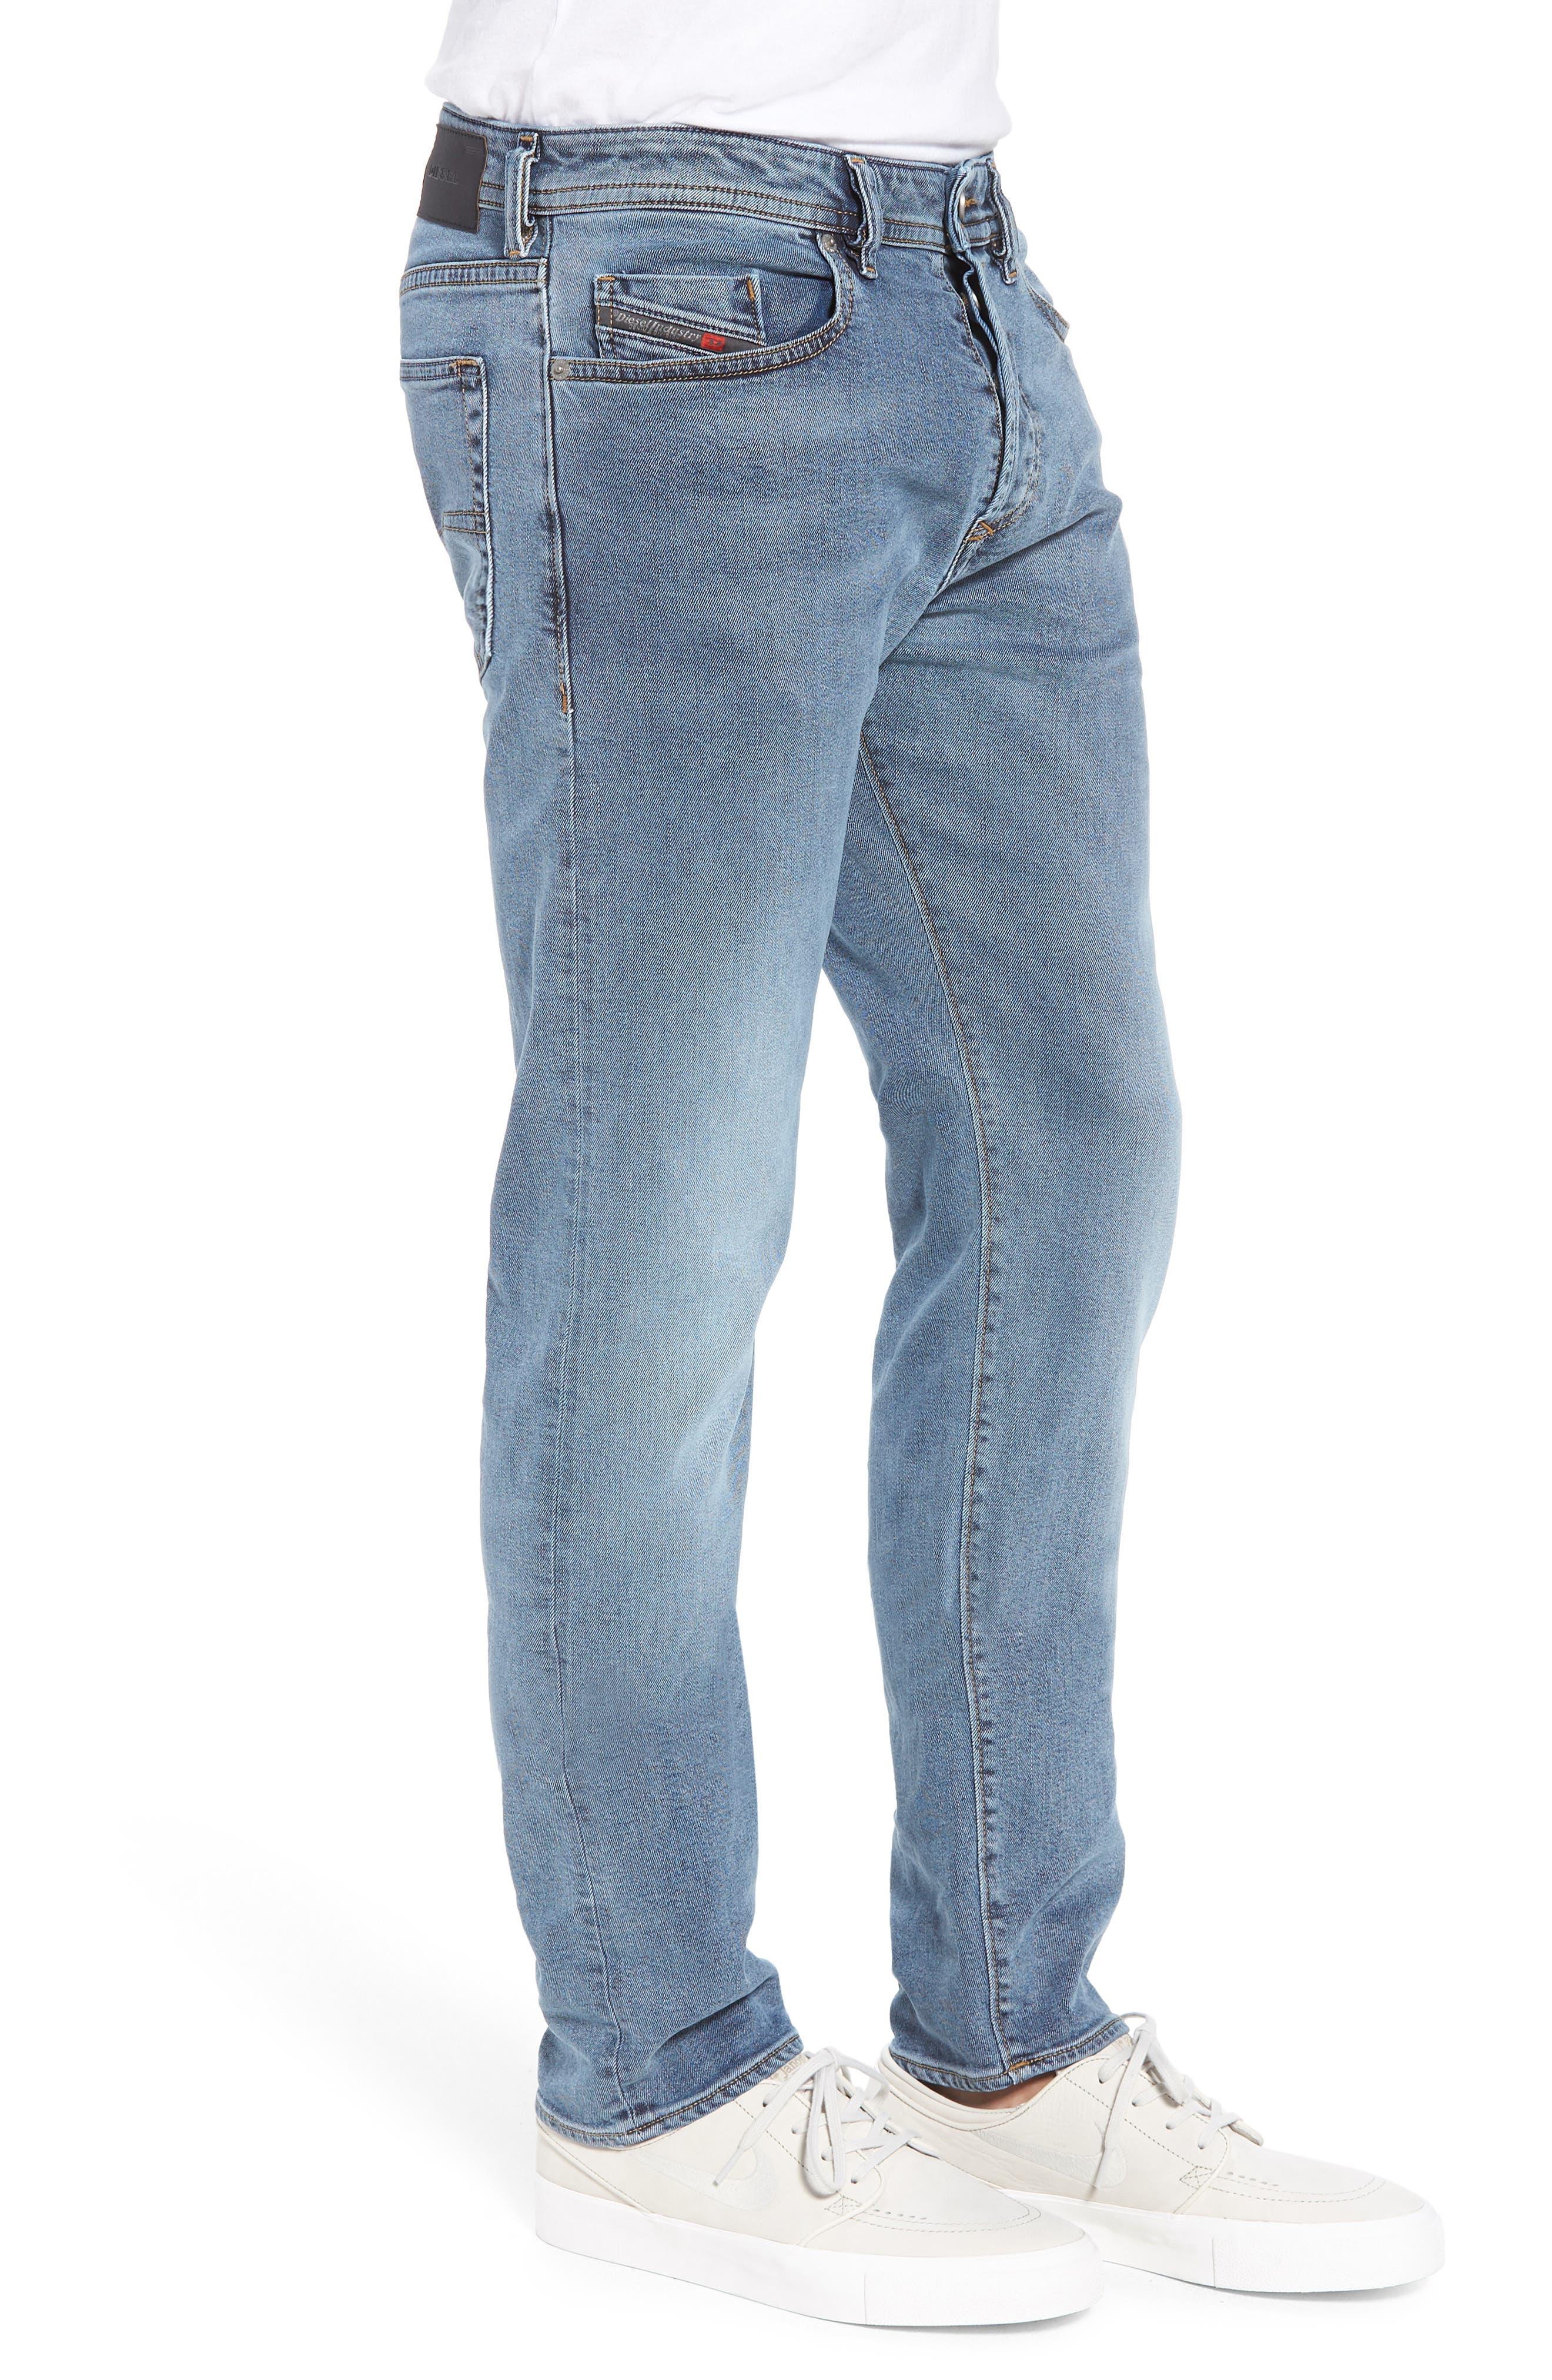 Buster Slim Straight Leg Jeans,                             Alternate thumbnail 3, color,                             084SJ